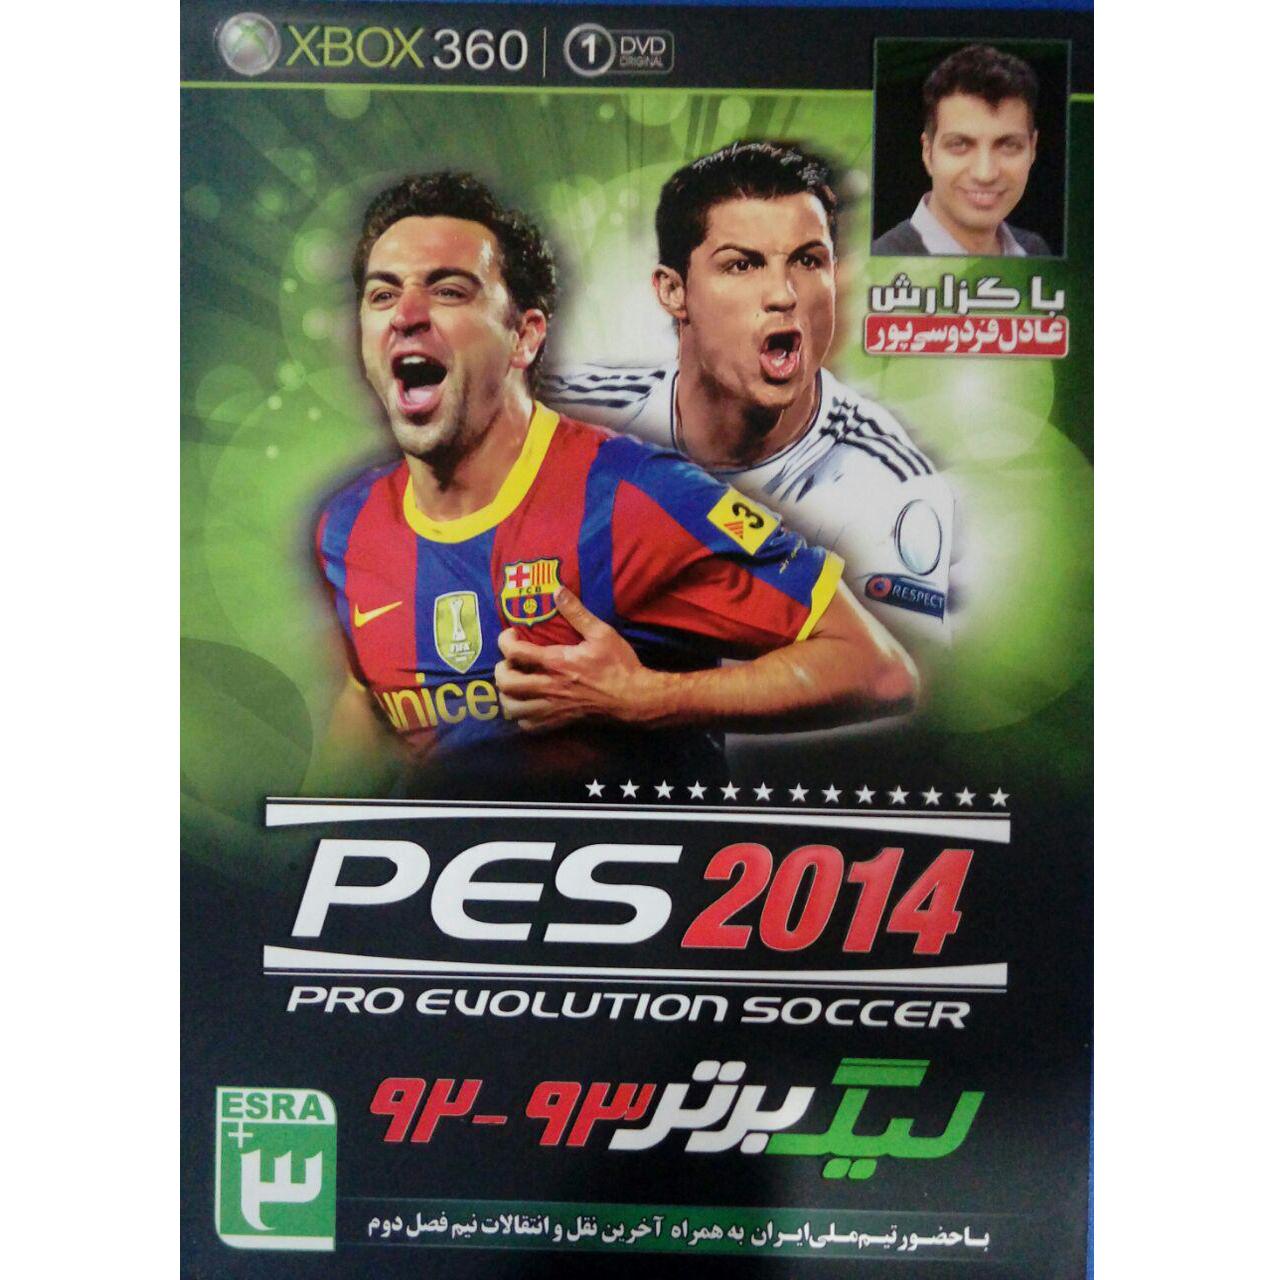 خرید اینترنتی بازی pes2014 مخصوص xbox360 اورجینال